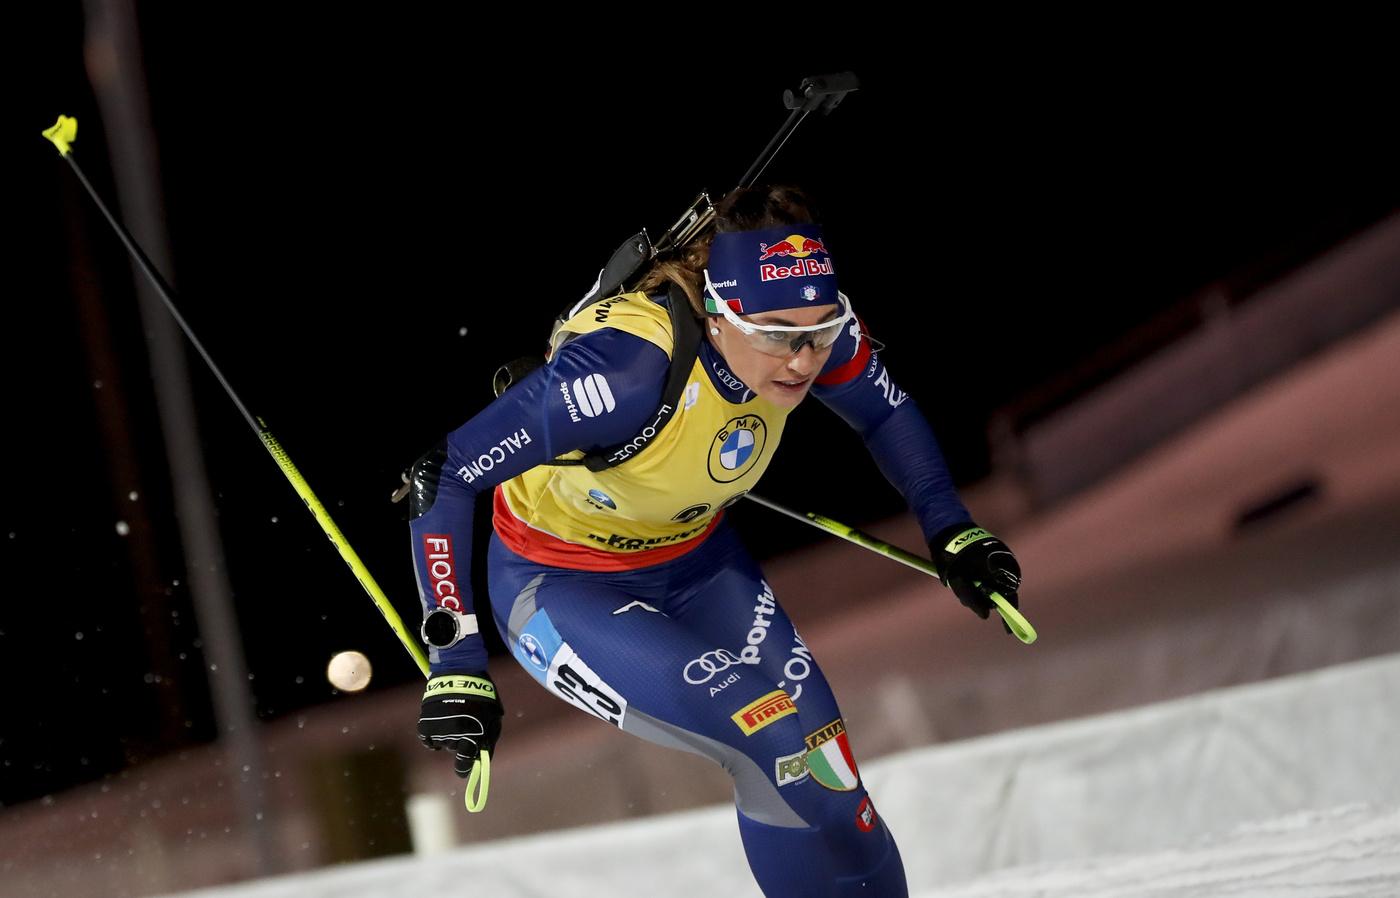 Biathlon, analisi prima tappa Kontiolahti 2020: tante luci e poche ombre, i big sono già tutti pronti